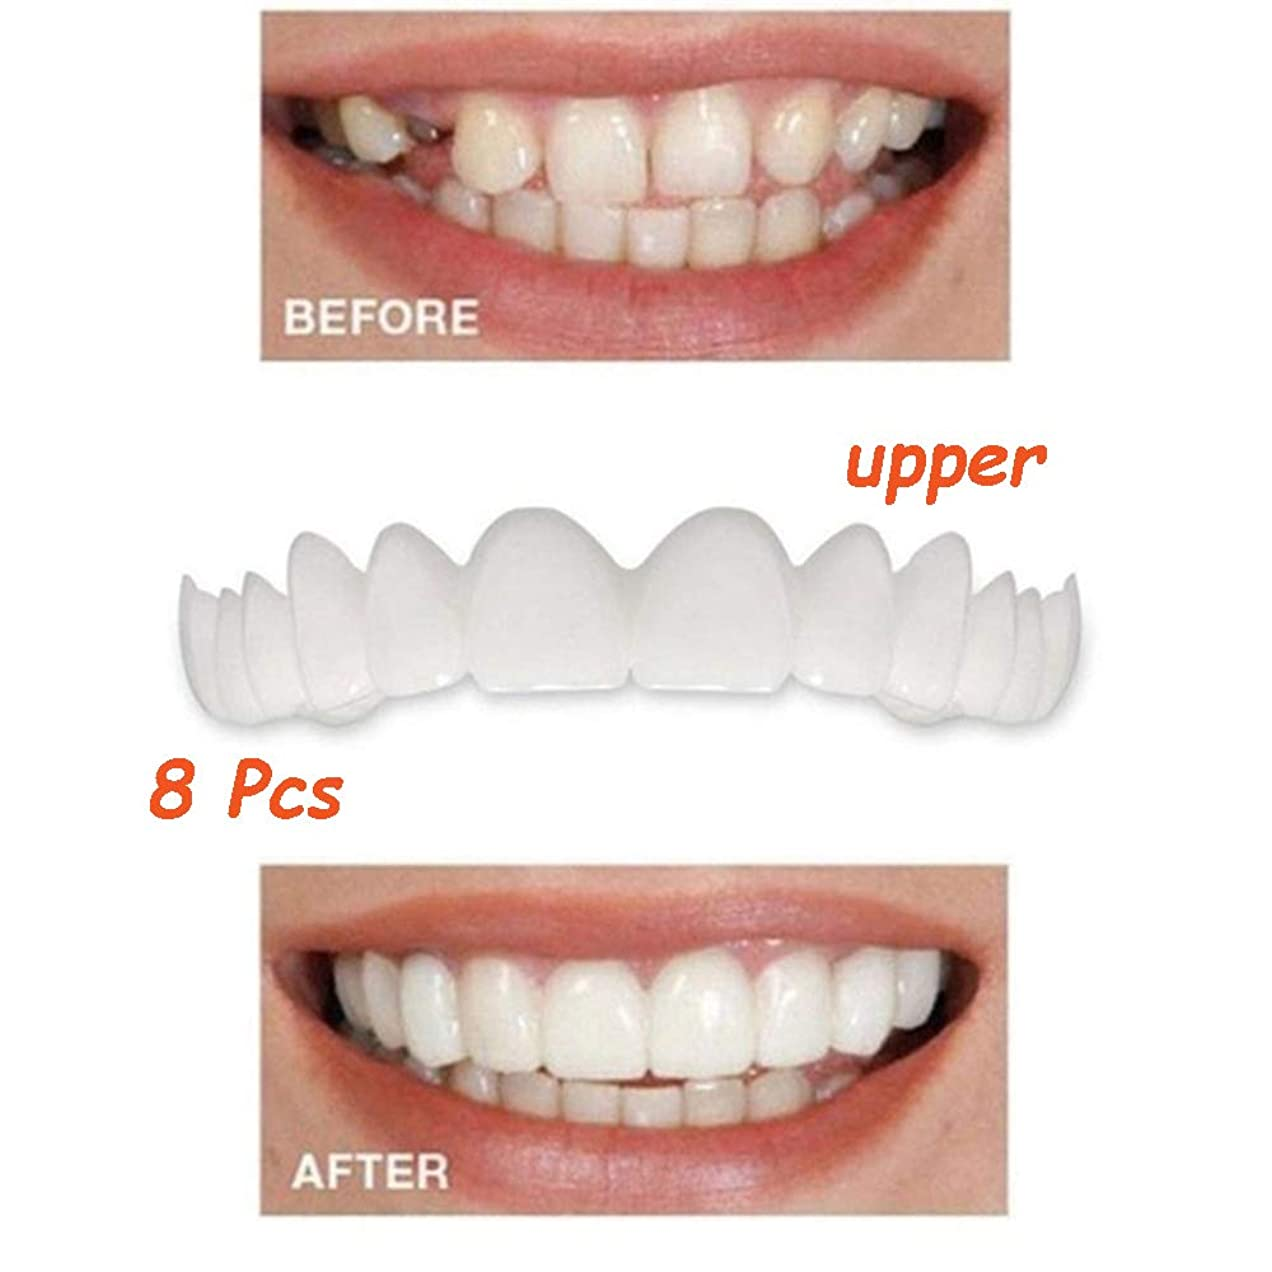 木曜日ねばねば粘性の8ピース一時的な笑顔コンフォートフィット化粧品の歯のトップ化粧品突き板ワンサイズフィット最も快適な義歯ケア